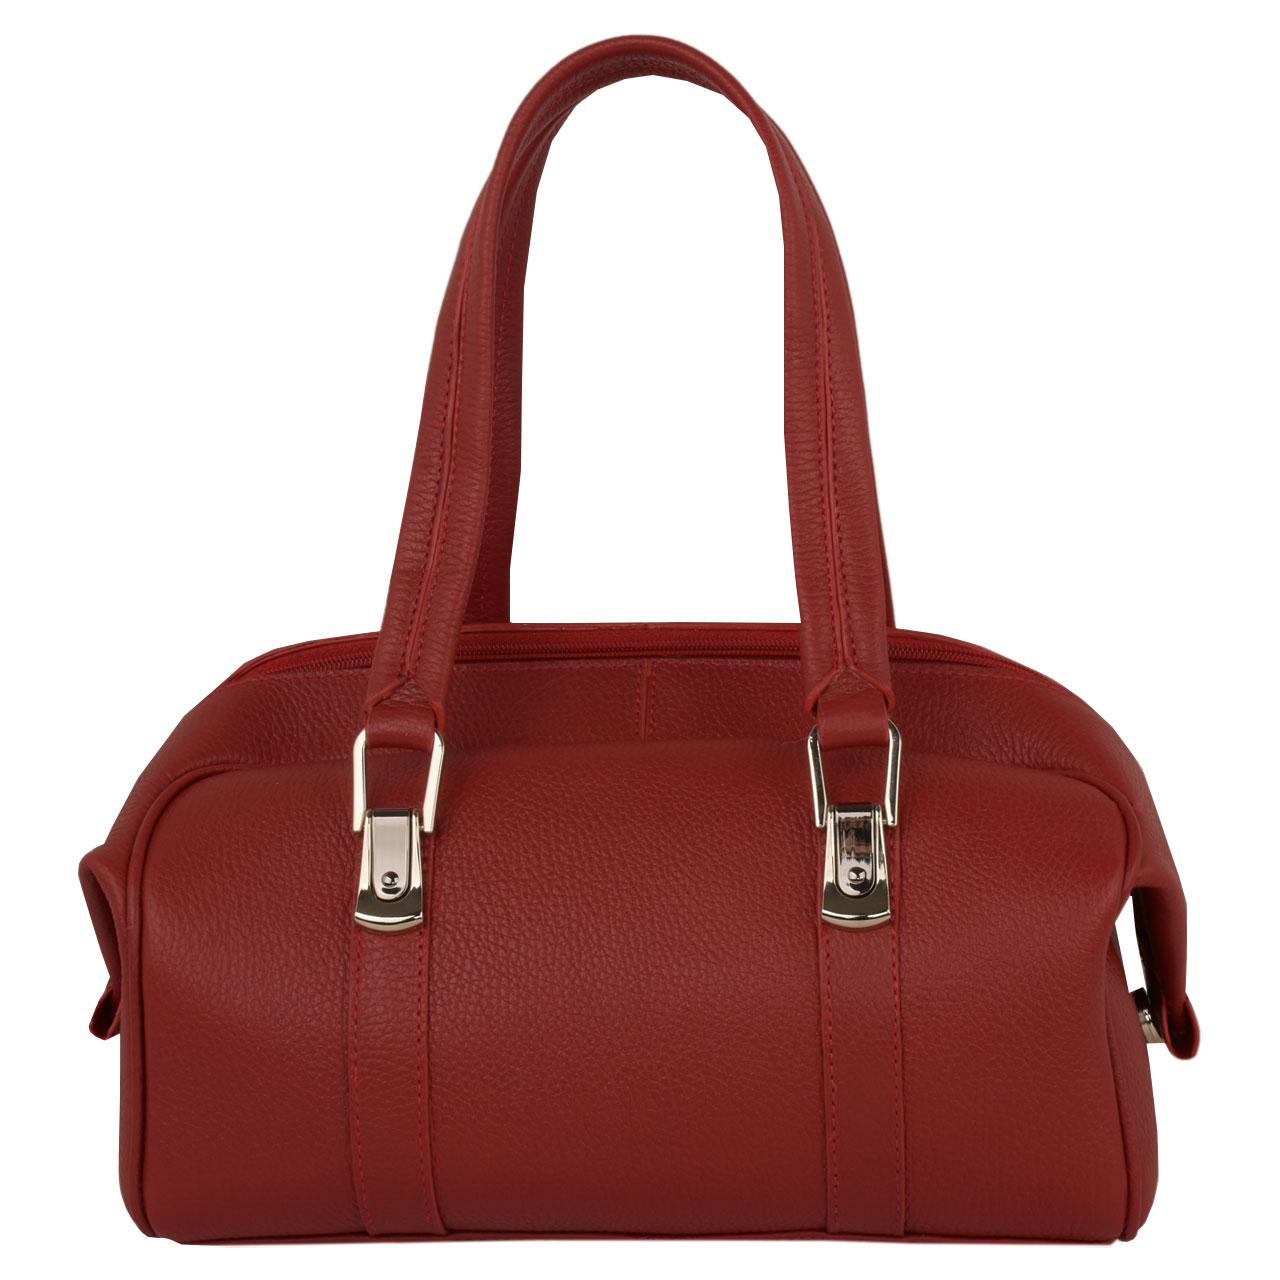 کیف دستی زنانه پارینه چرم مدل V199-2